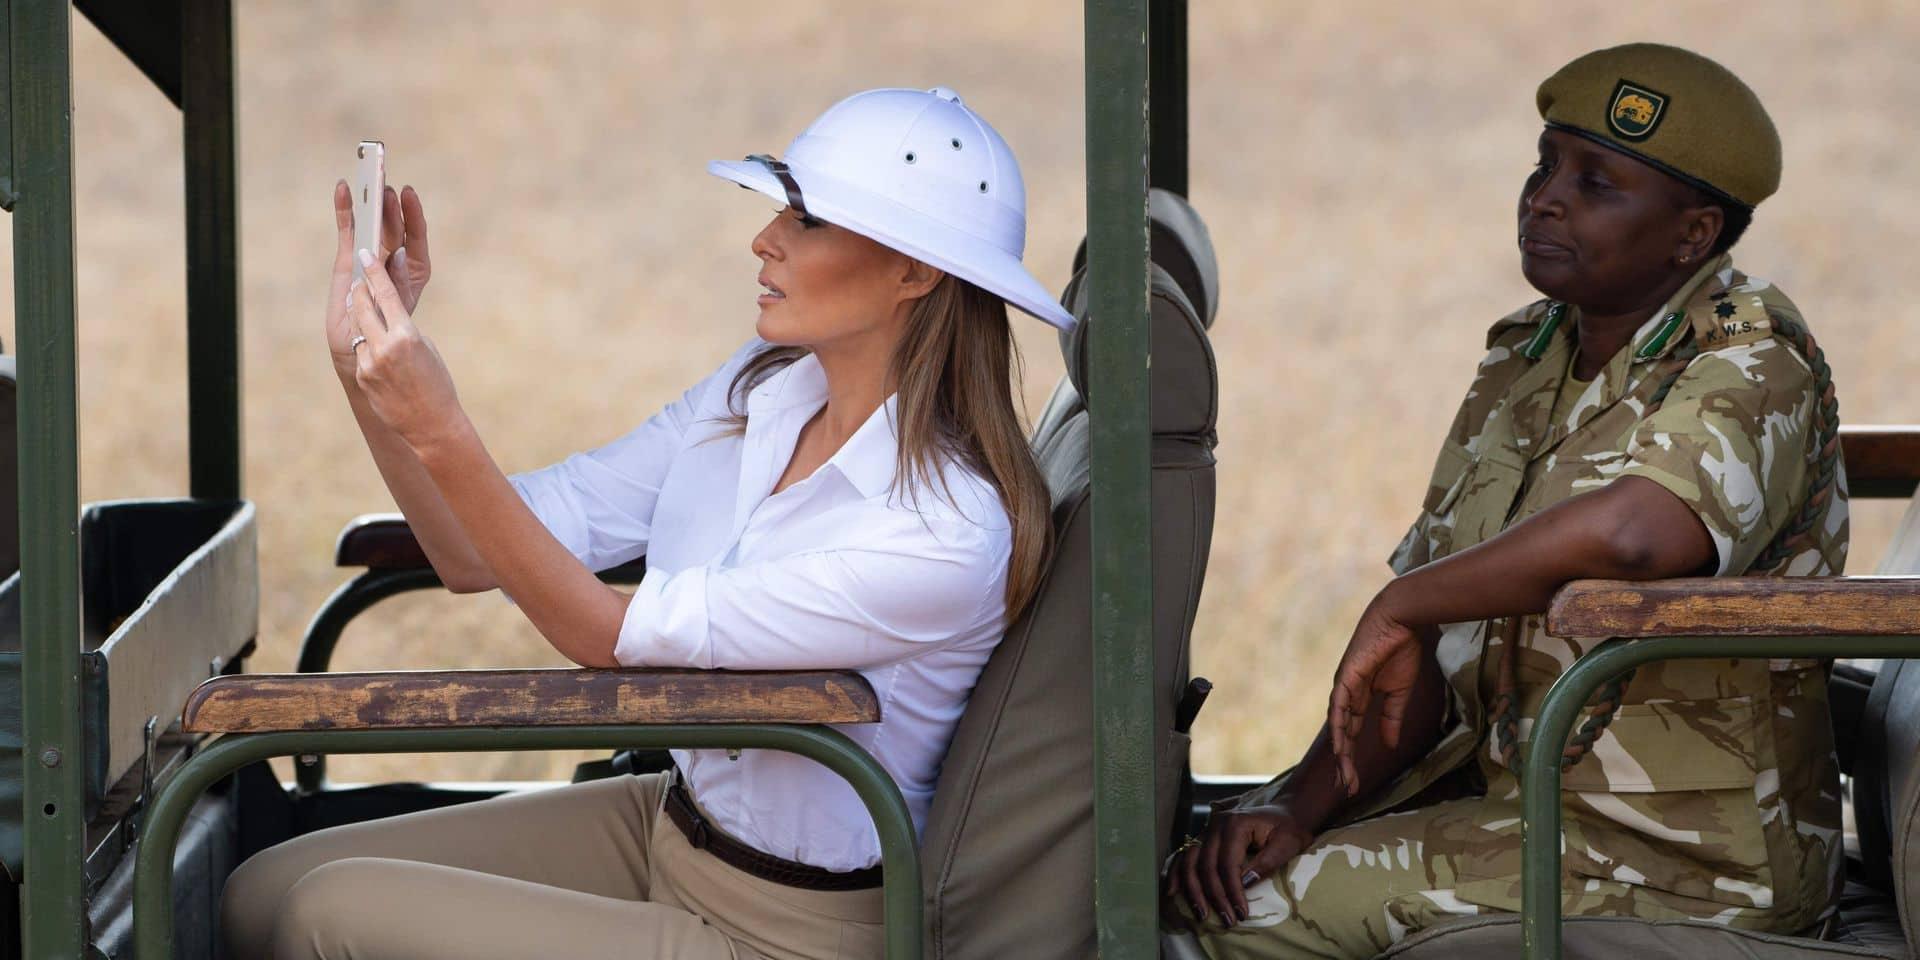 En tournée en Afrique, Melania Trump provoque un tollé à cause de son chapeau